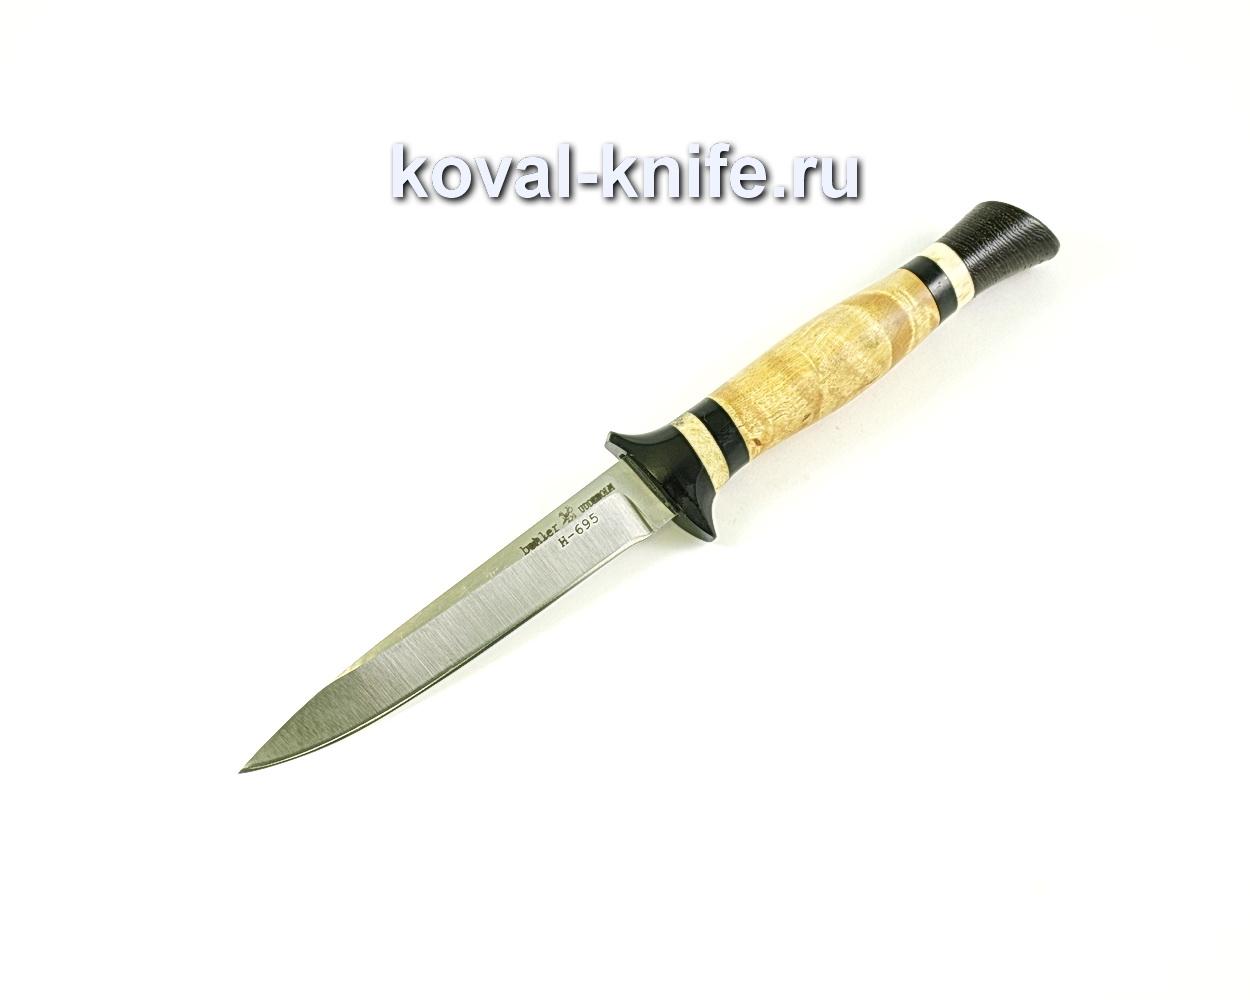 Нож Коготь (сталь N-695), рукоять эбонит, карелка, венге A108